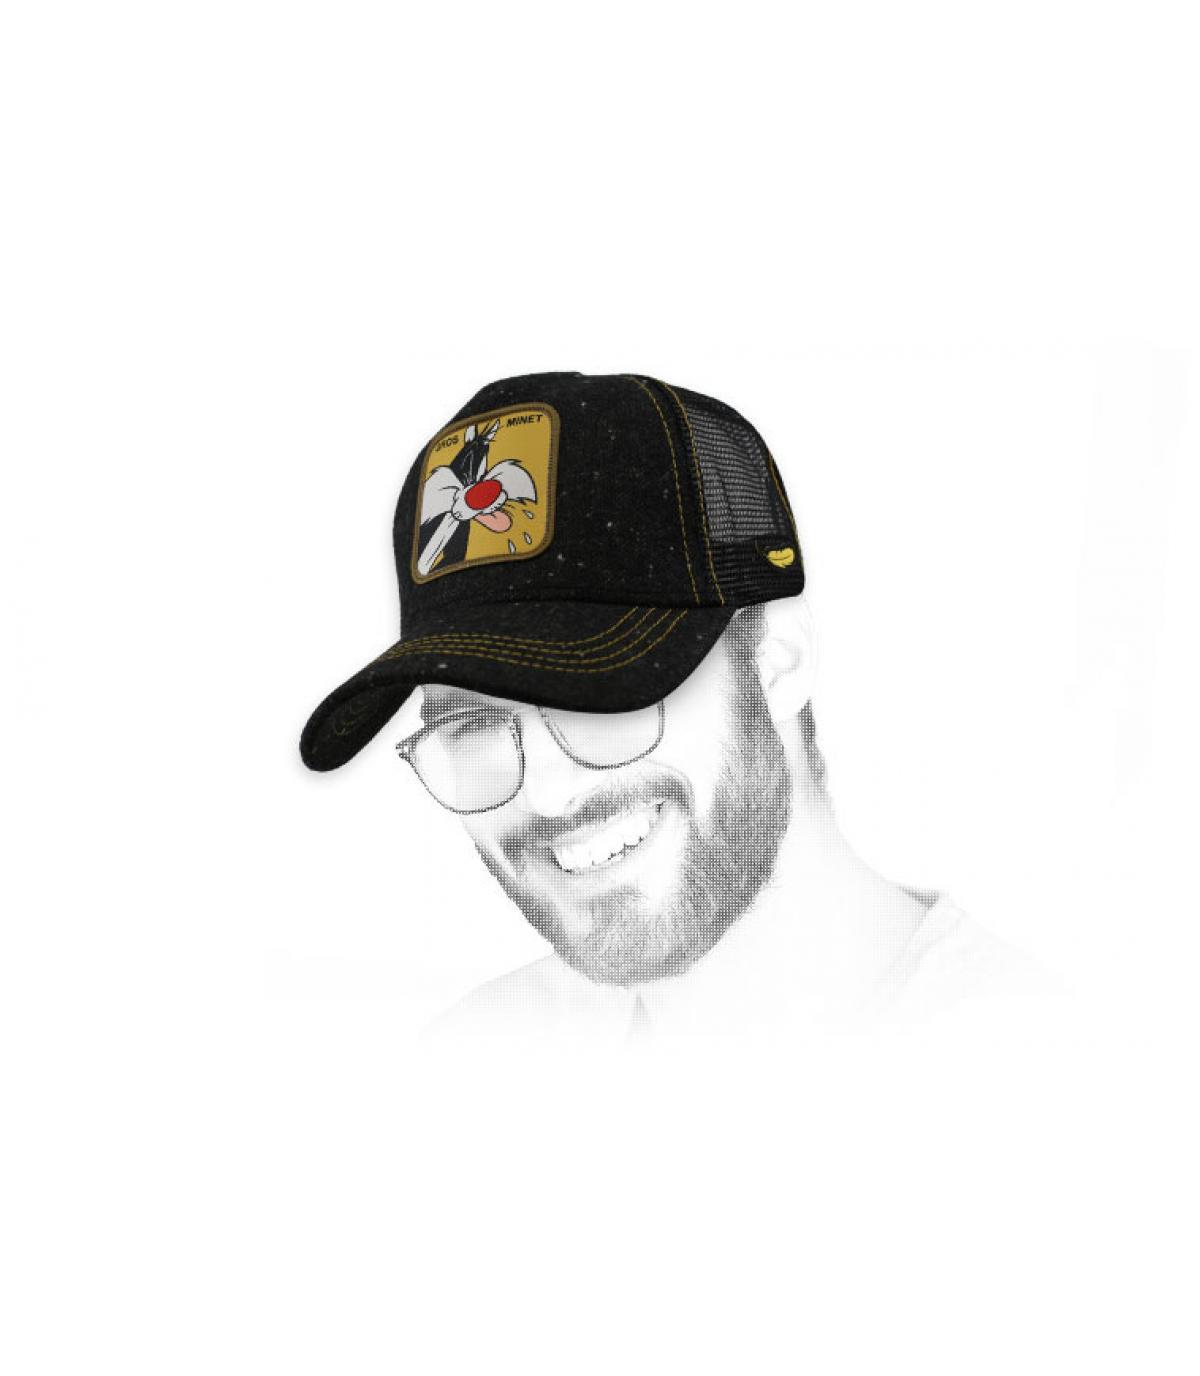 Sylvester cap